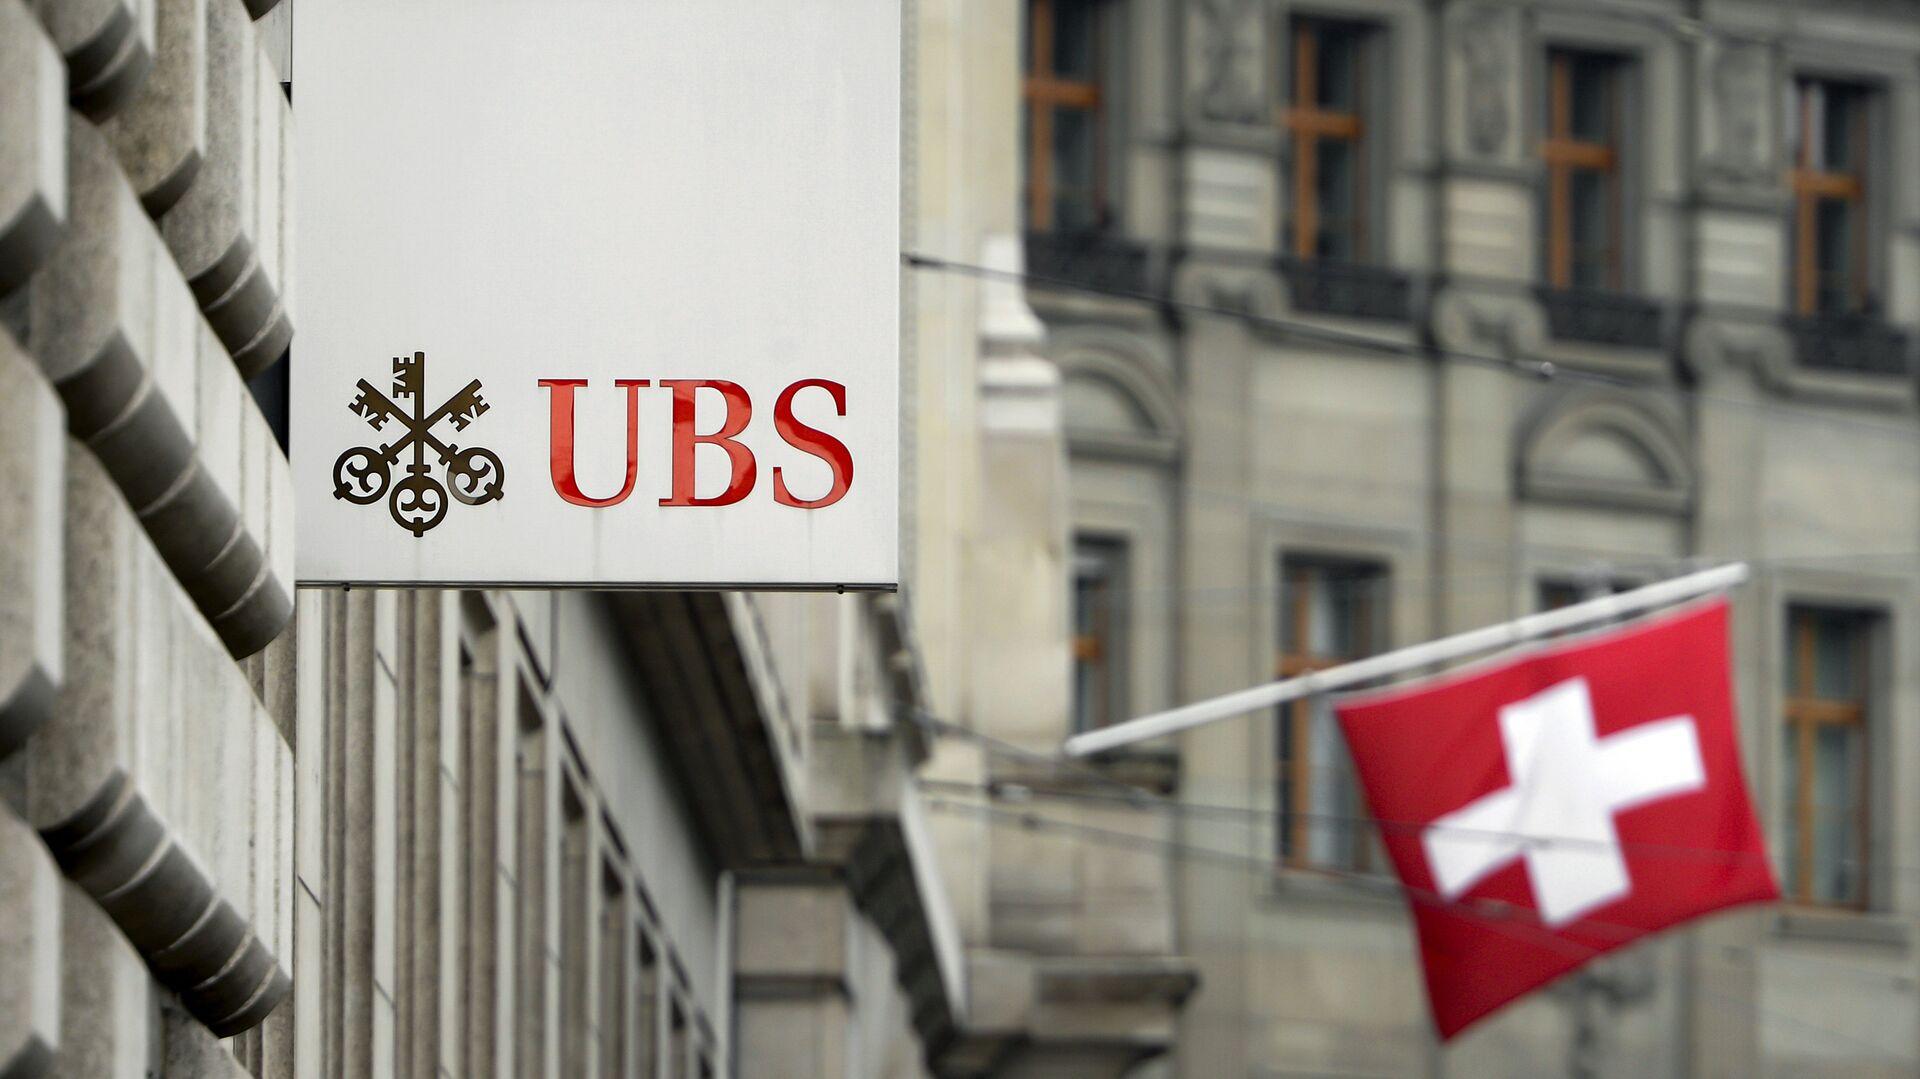 la banque suisse UBS - Sputnik France, 1920, 27.09.2021